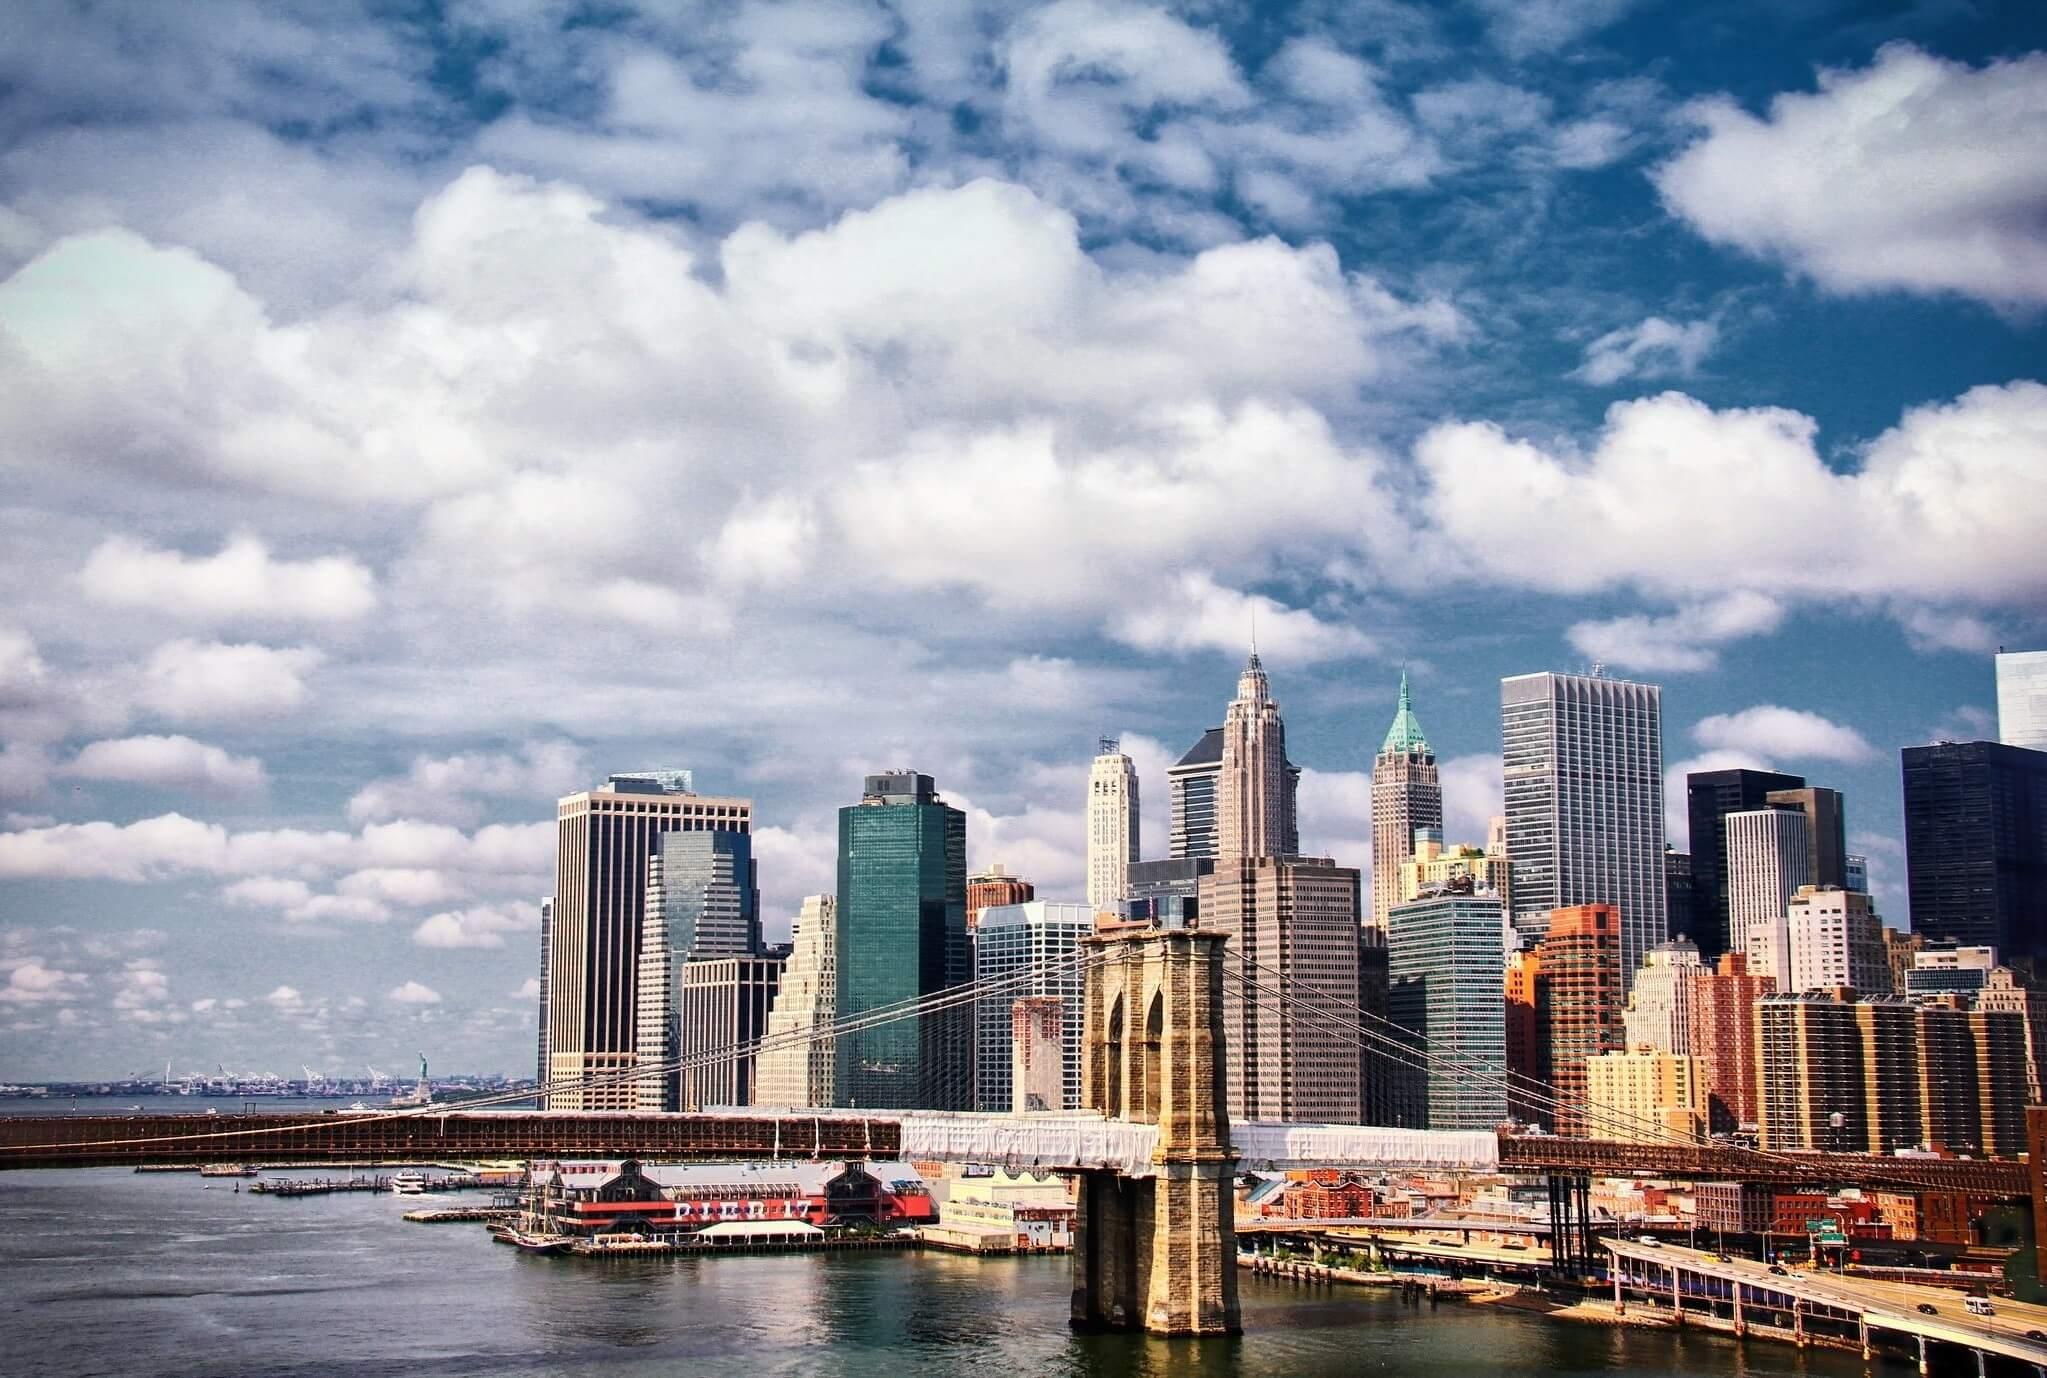 Quel quartier de New York pour une immersion culturelle ? Pensez à visiter Brooklyn, sans aucun doute le quartier de New York qui offre un curieux mariage de banlieue chic et de quartier populaire.